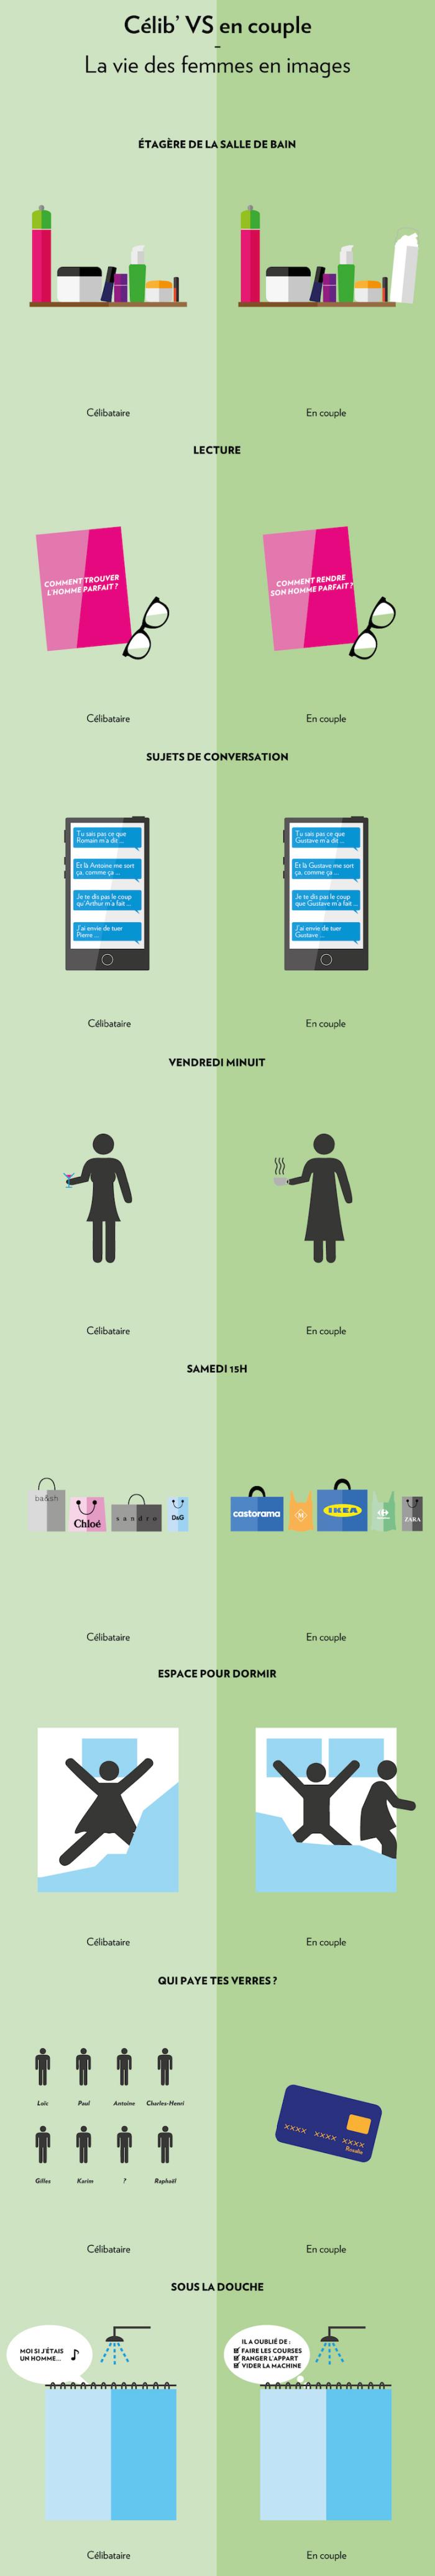 femme-celibataire-en-couple